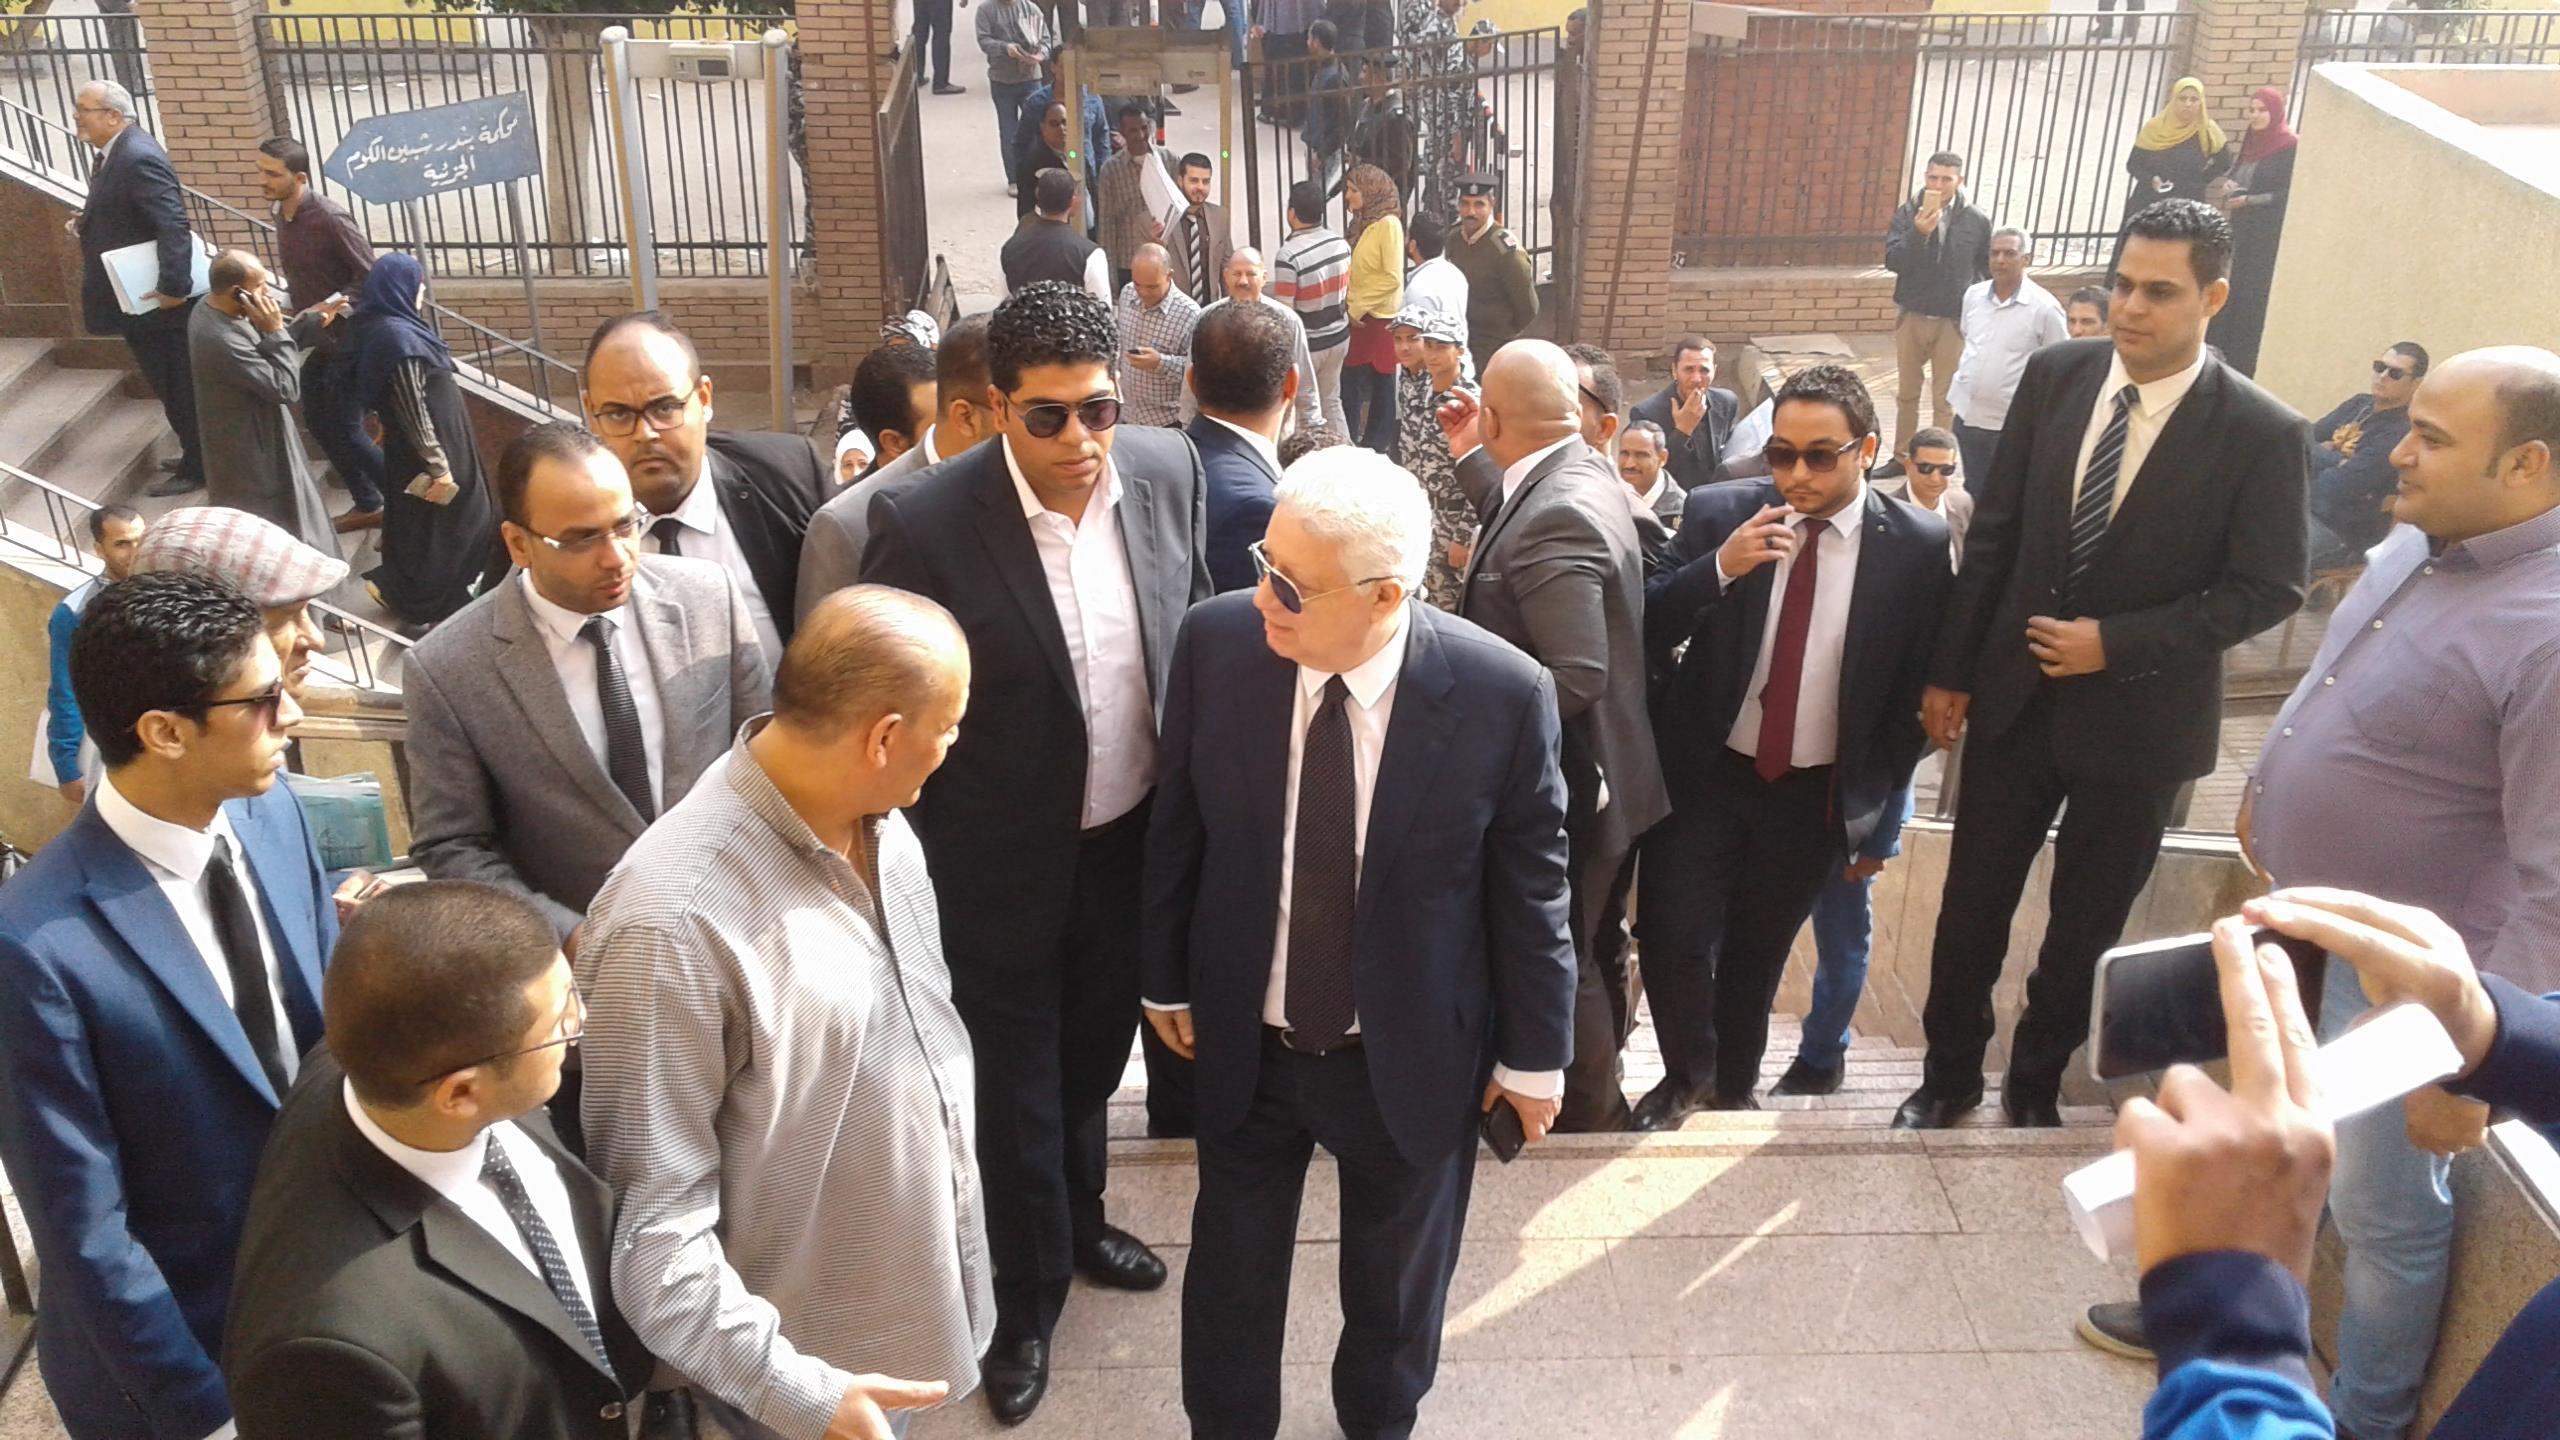 وصول مرتضى منصور لمحكمة شبين الكوم (2)